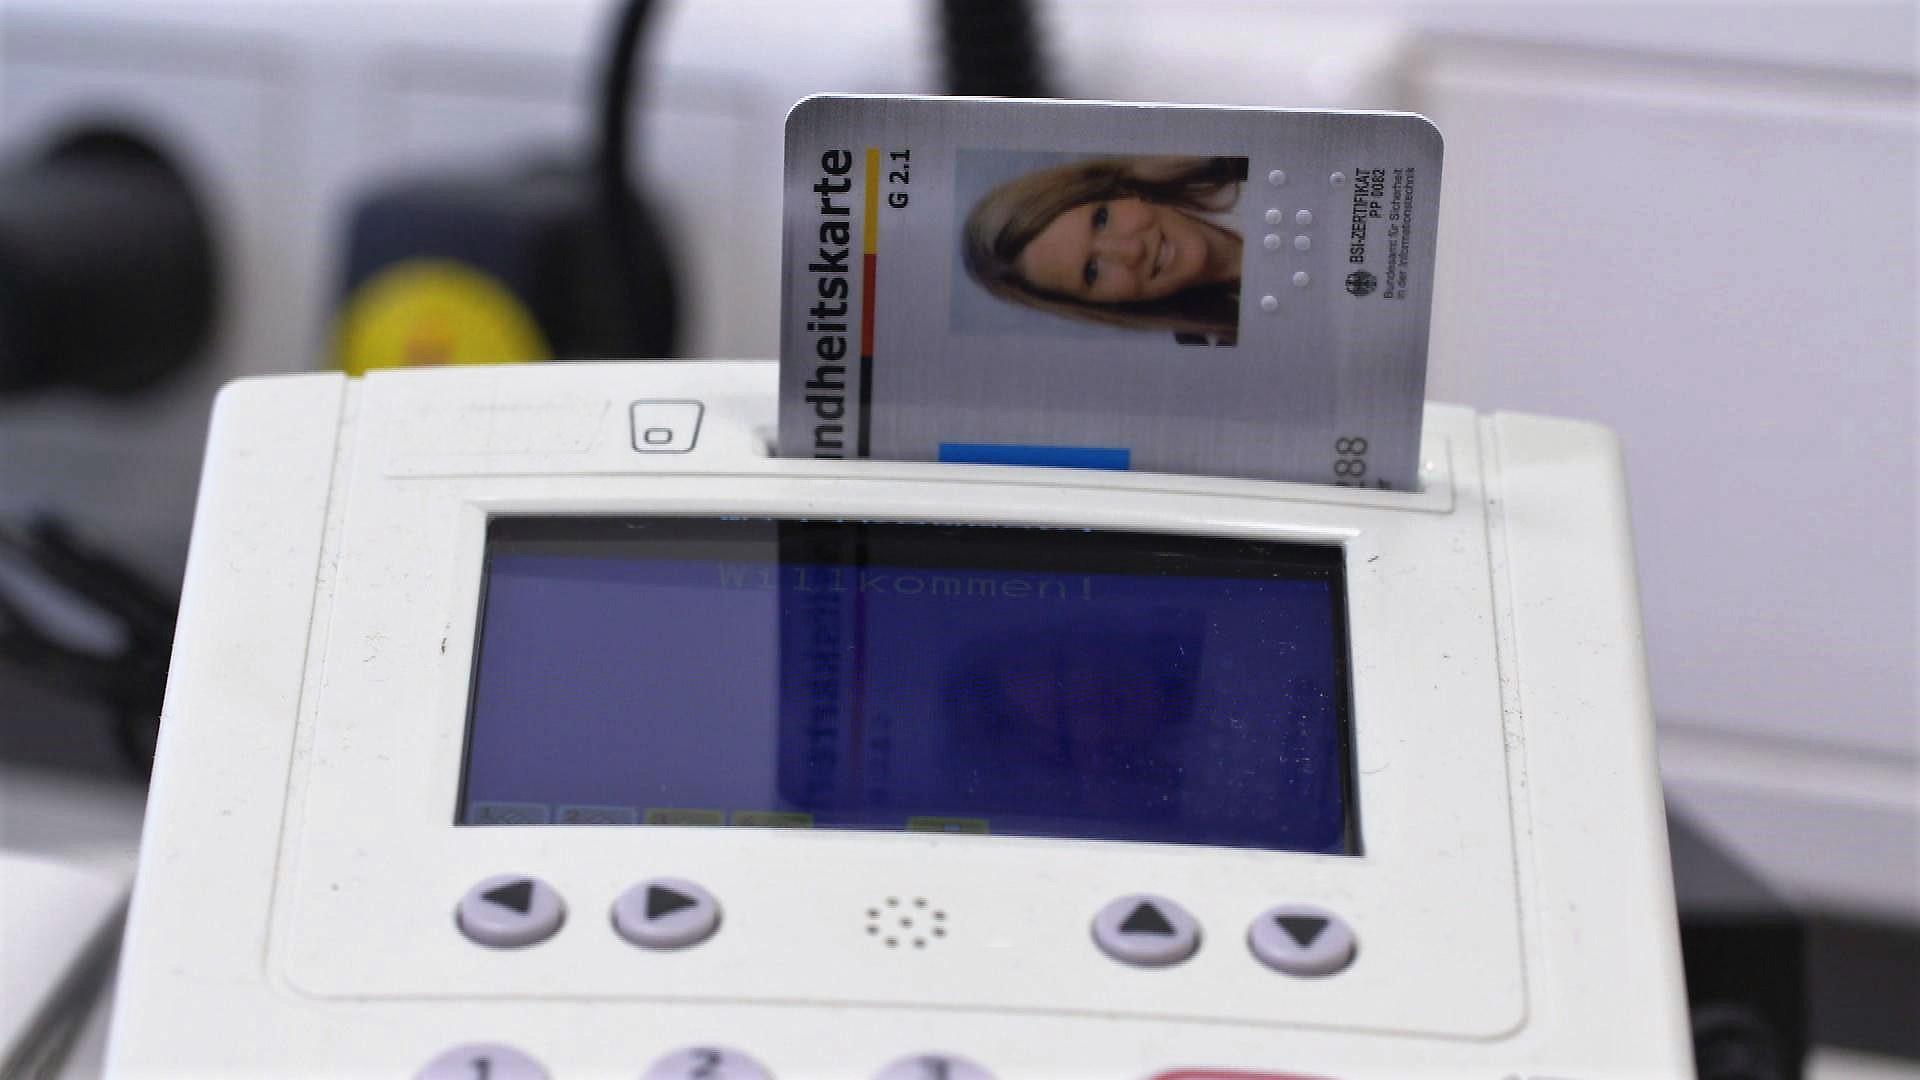 Elektronische Gesundheitskarte in Kartenlesegerät